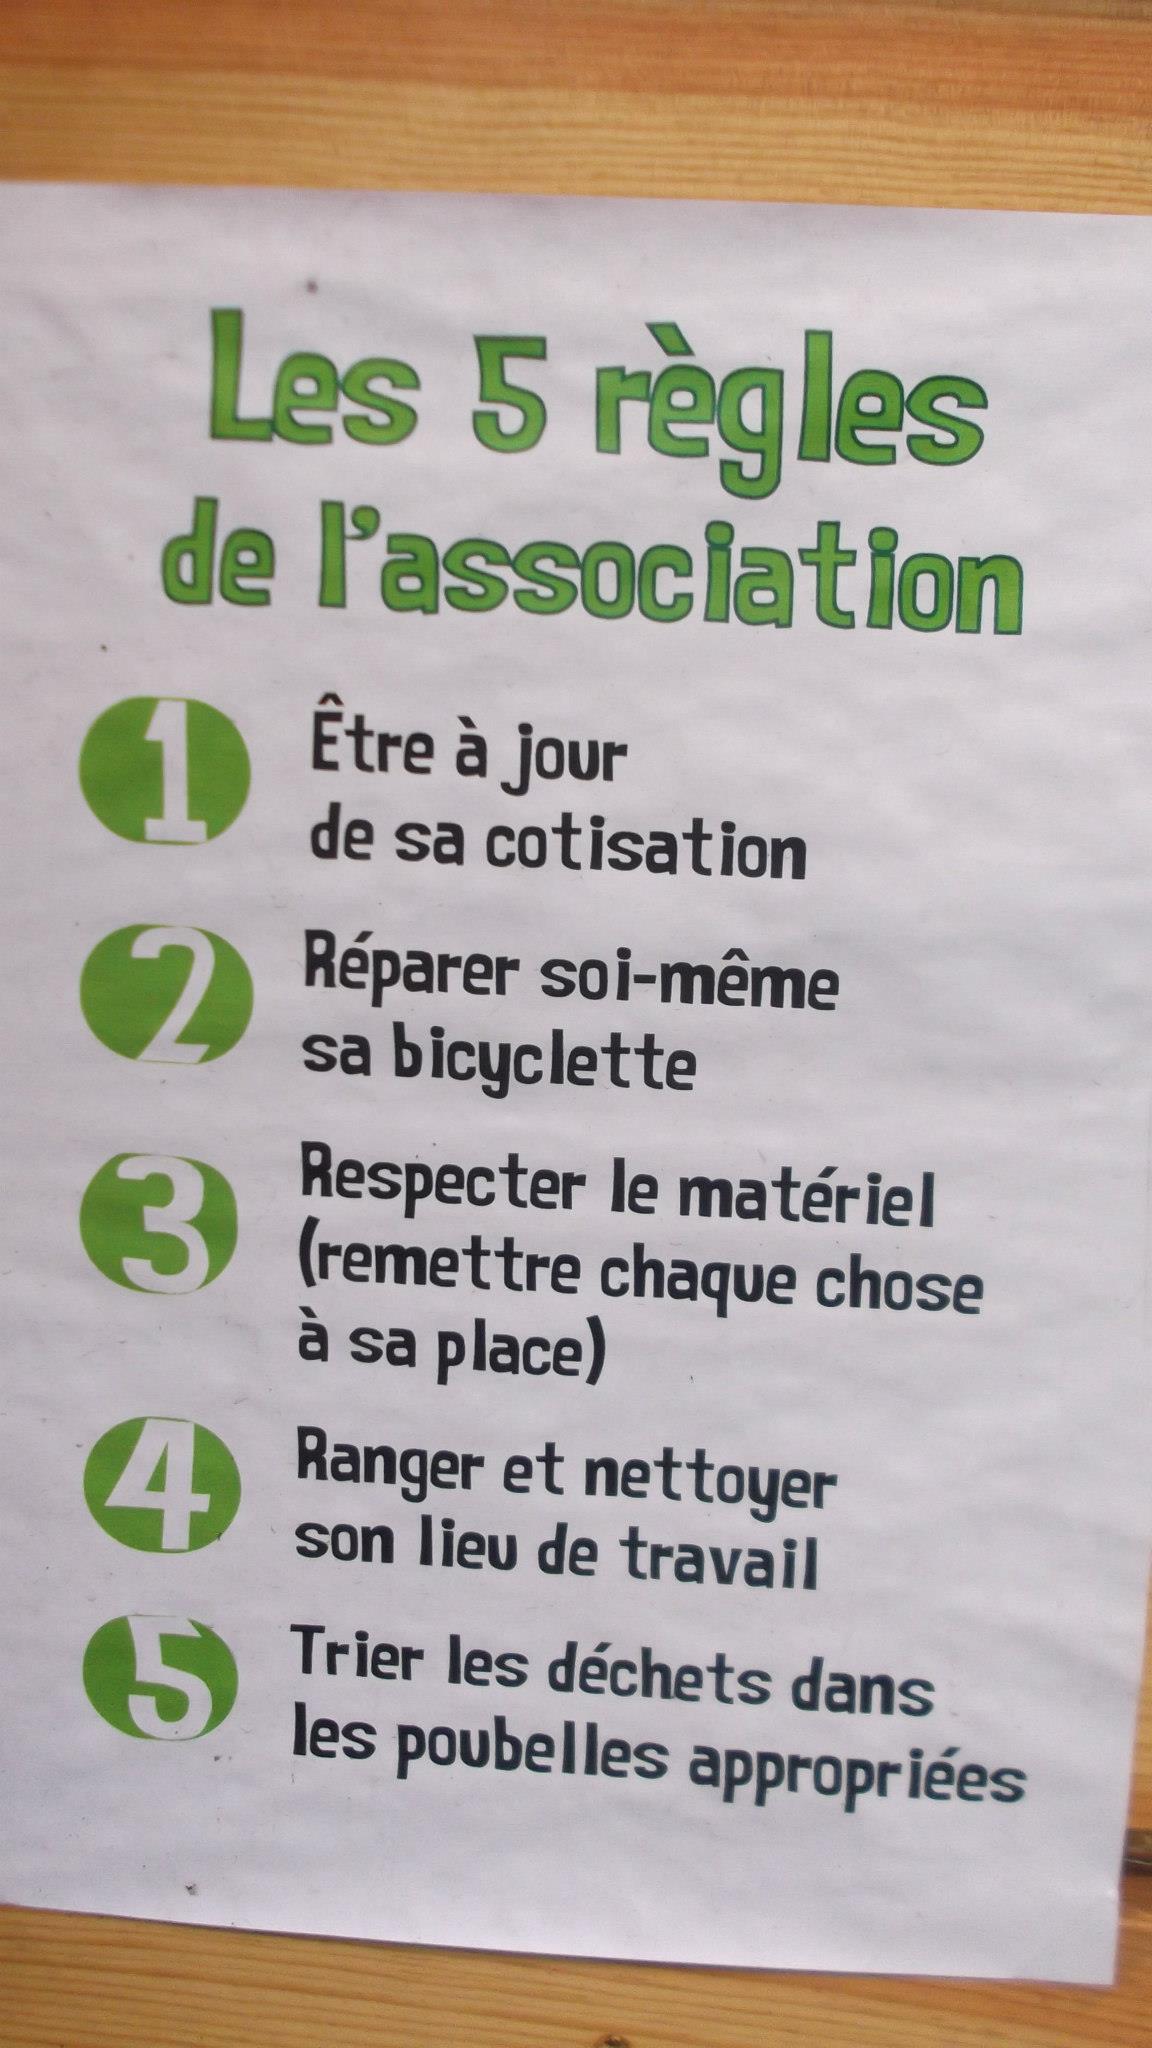 5regles-de-l-association-txirrindola